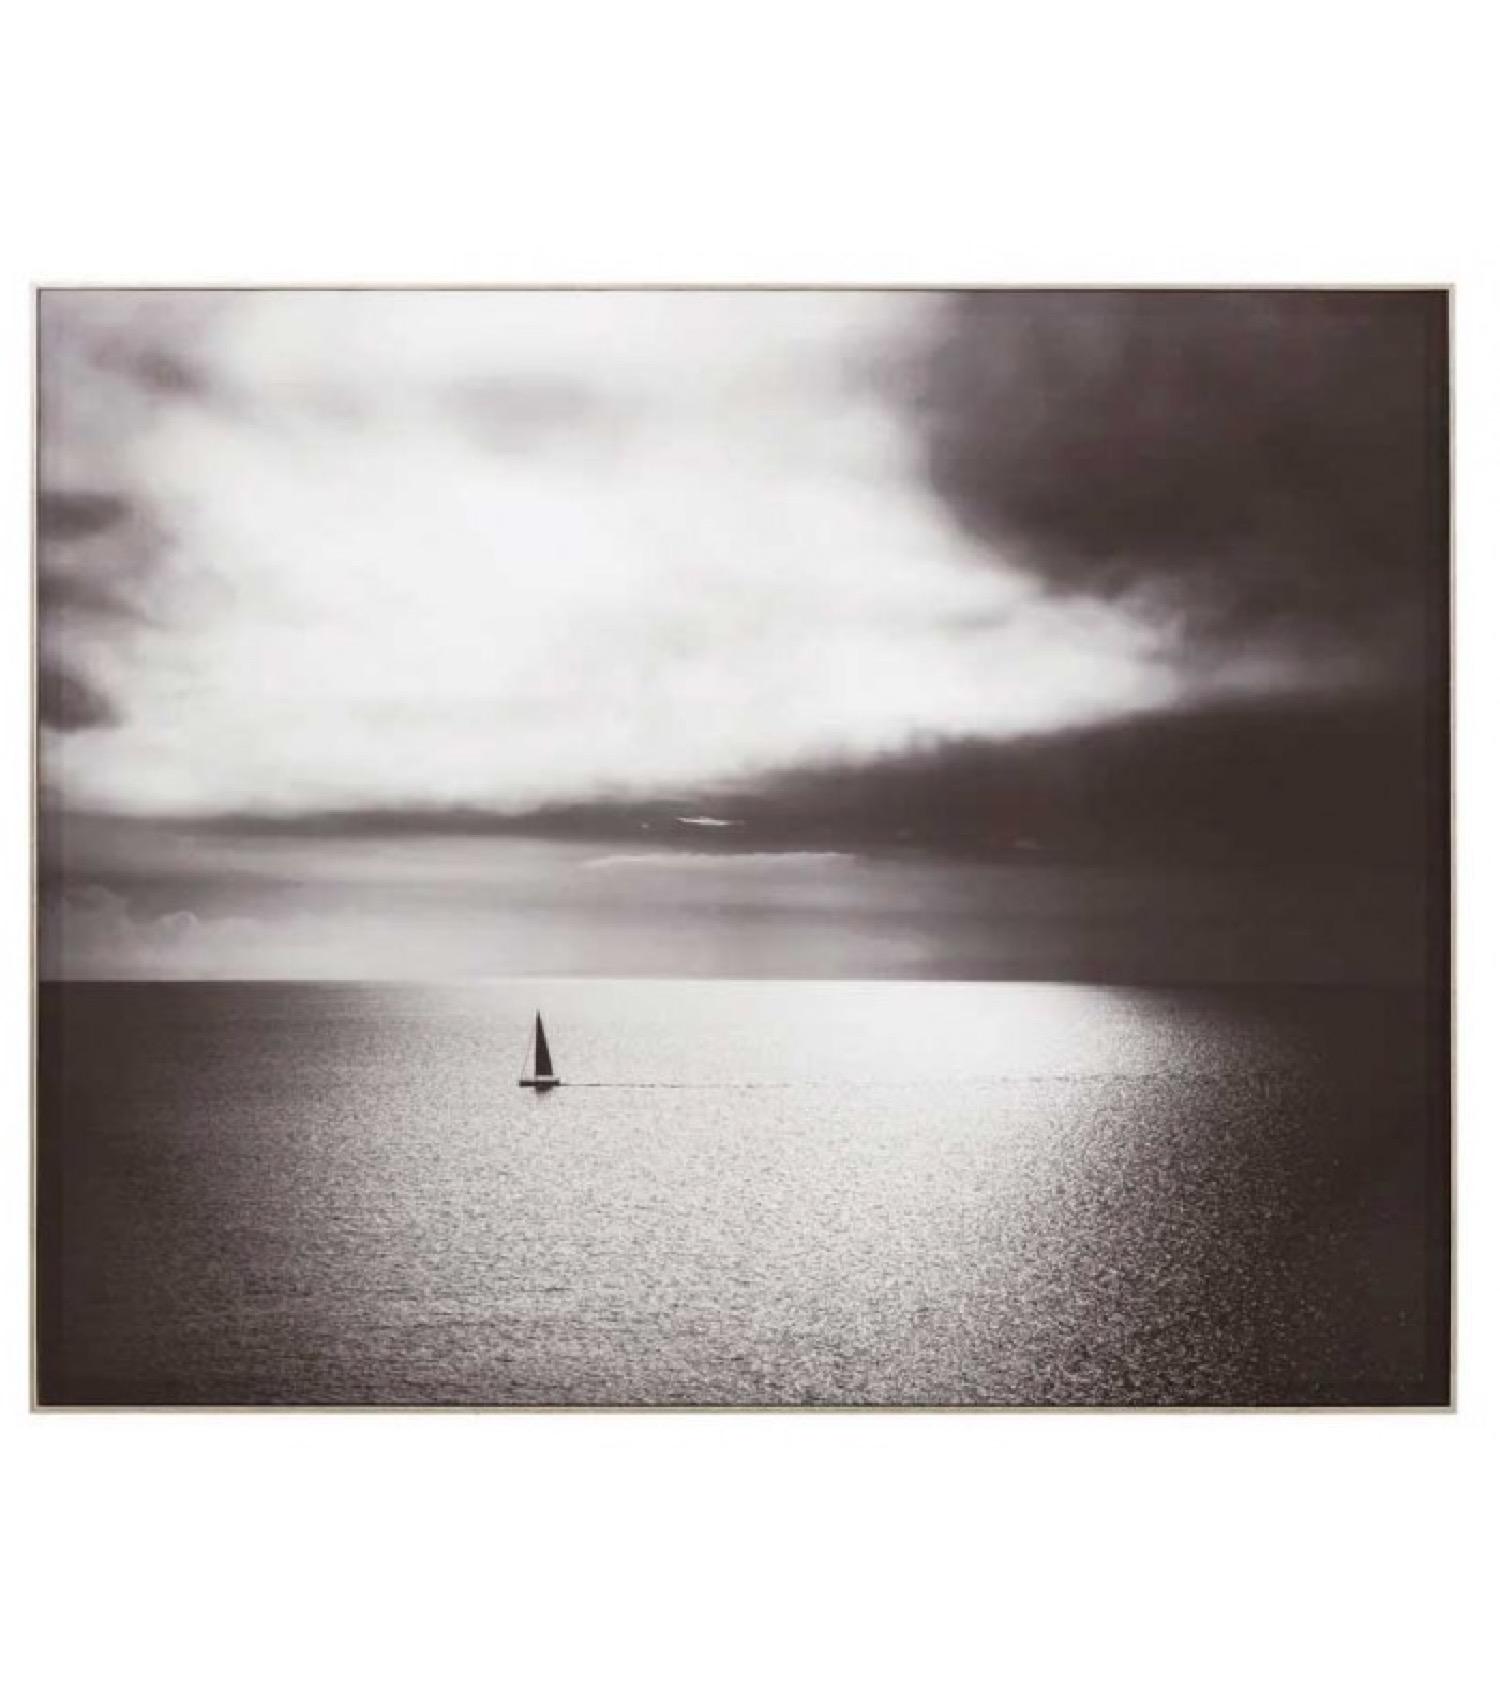 Tableau décoratif photo noir et blanc 100x80cm